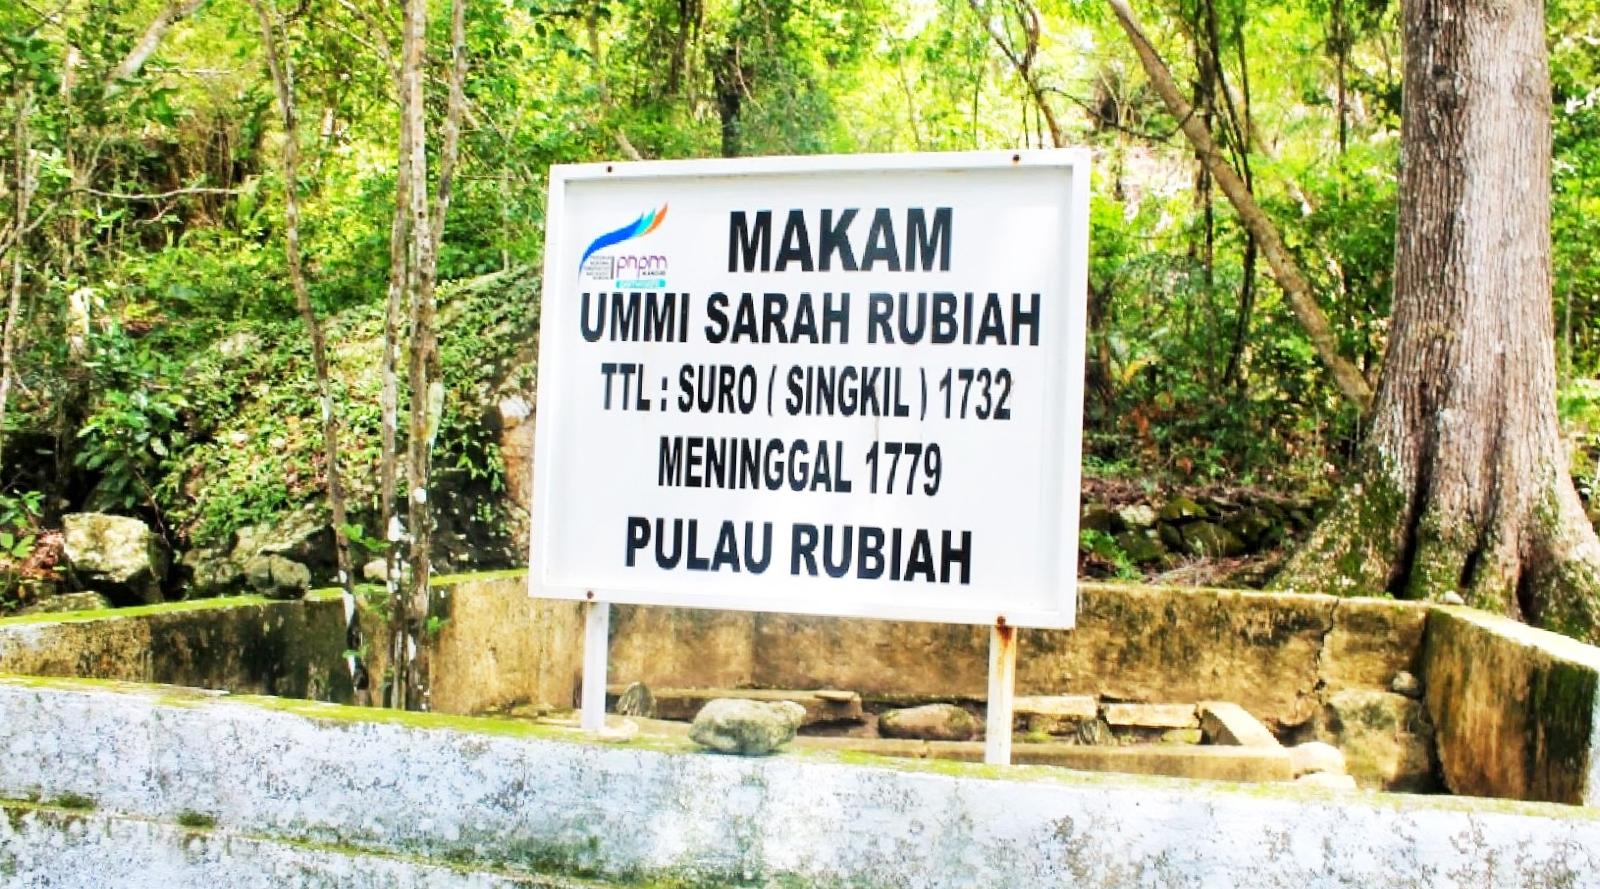 Wisata sejarah dan mitos Indonesia sabang makan kuno usia 3 abad di pulau Rubiah